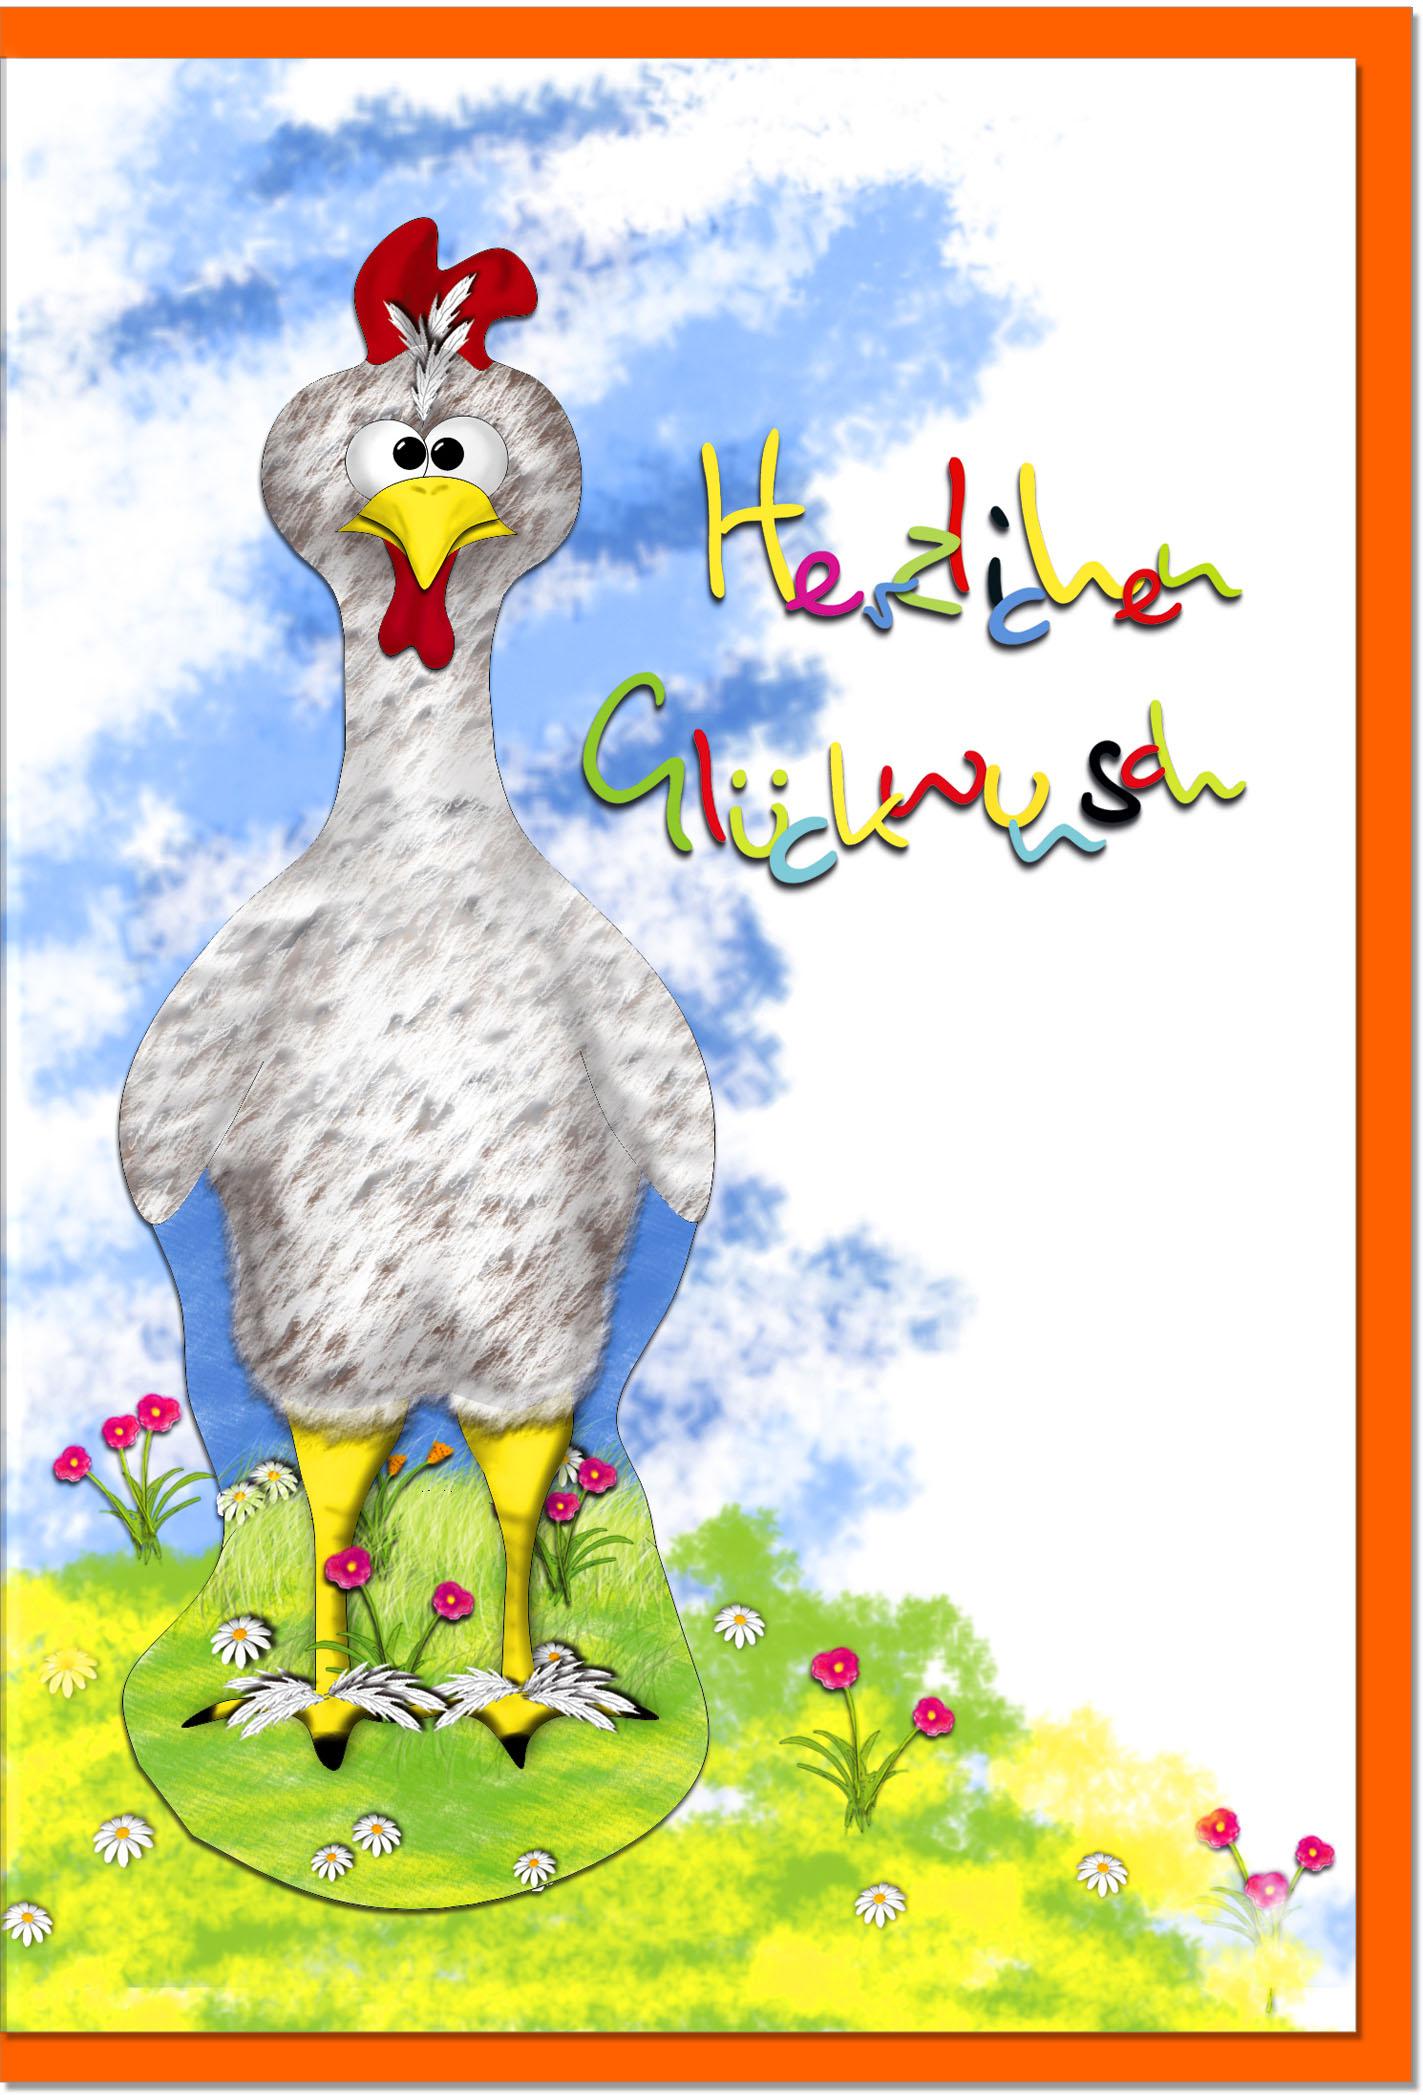 Glückwunschkarten / Grußkarten /Glückwunsch Huhn